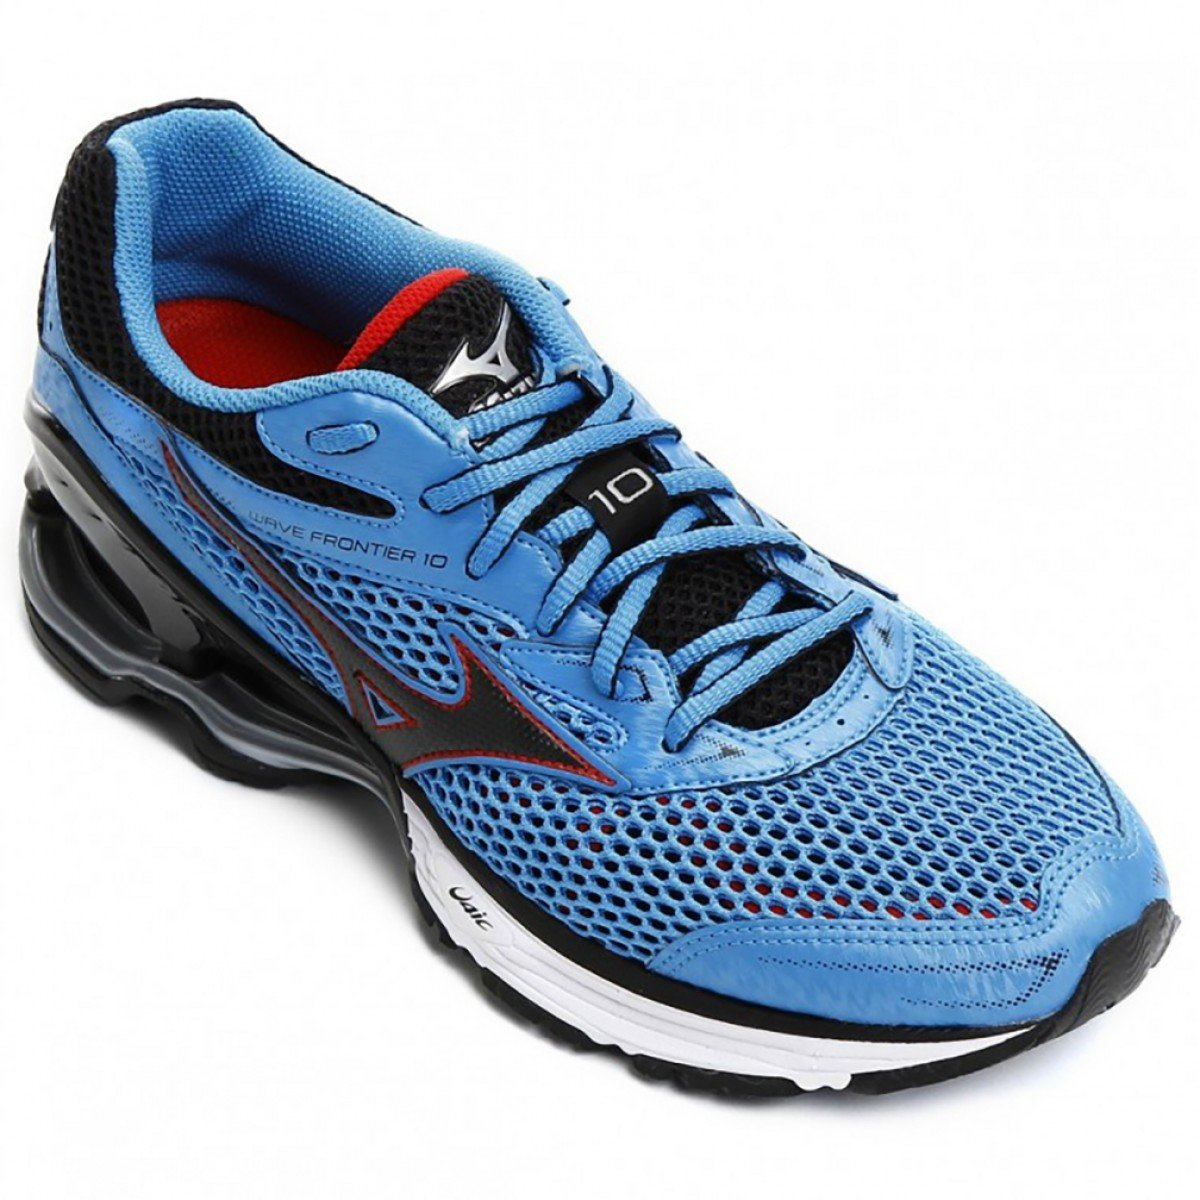 Tênis Mizuno Frontier 10 Masculino Azul e Vermelho - Compre Agora ... 5bf7ad142c4d2